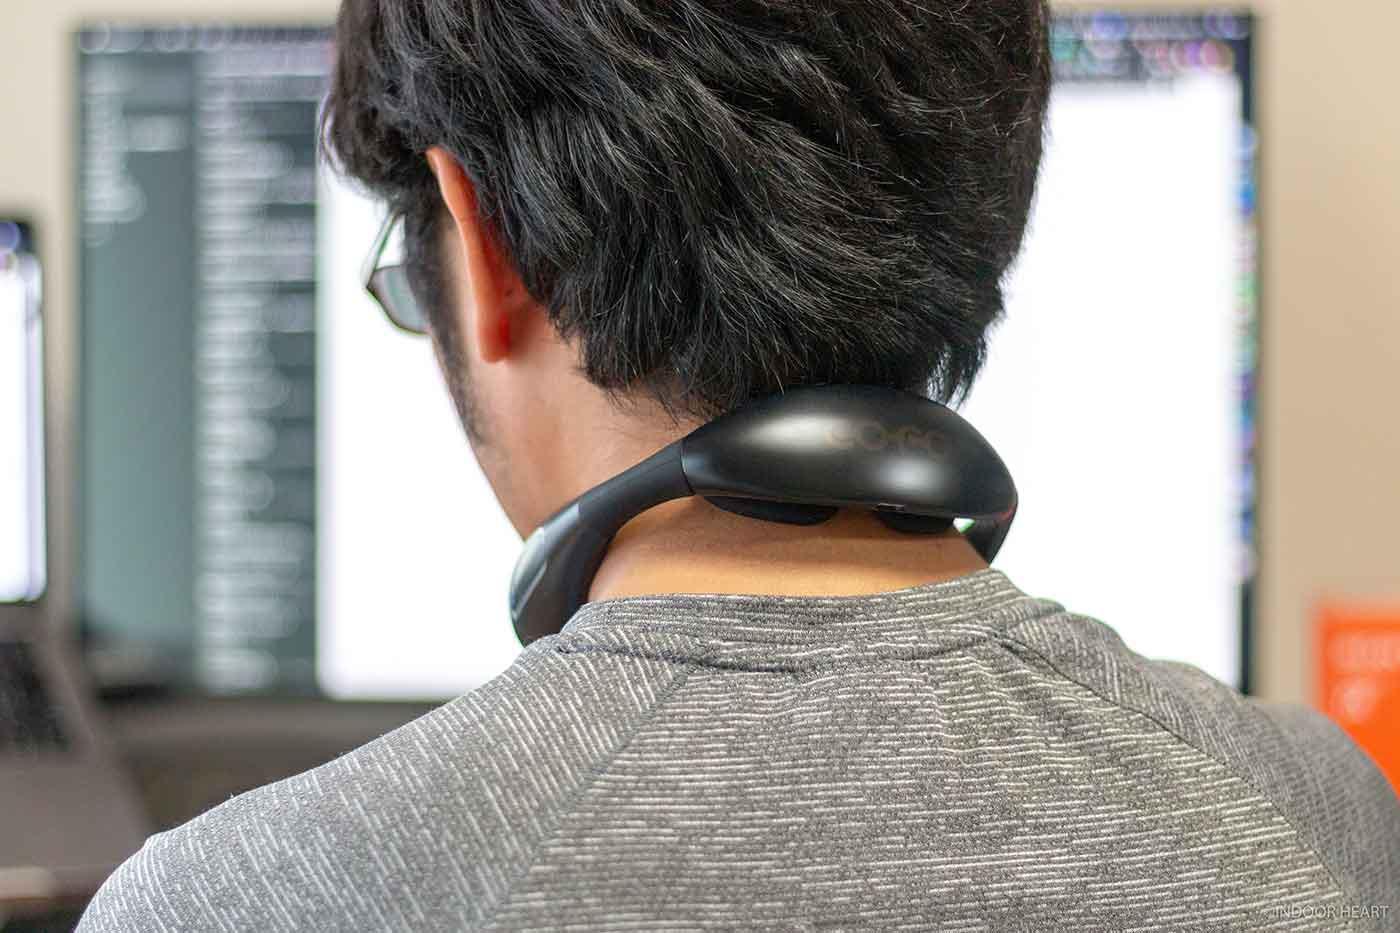 COFO Neck Proを首に装着